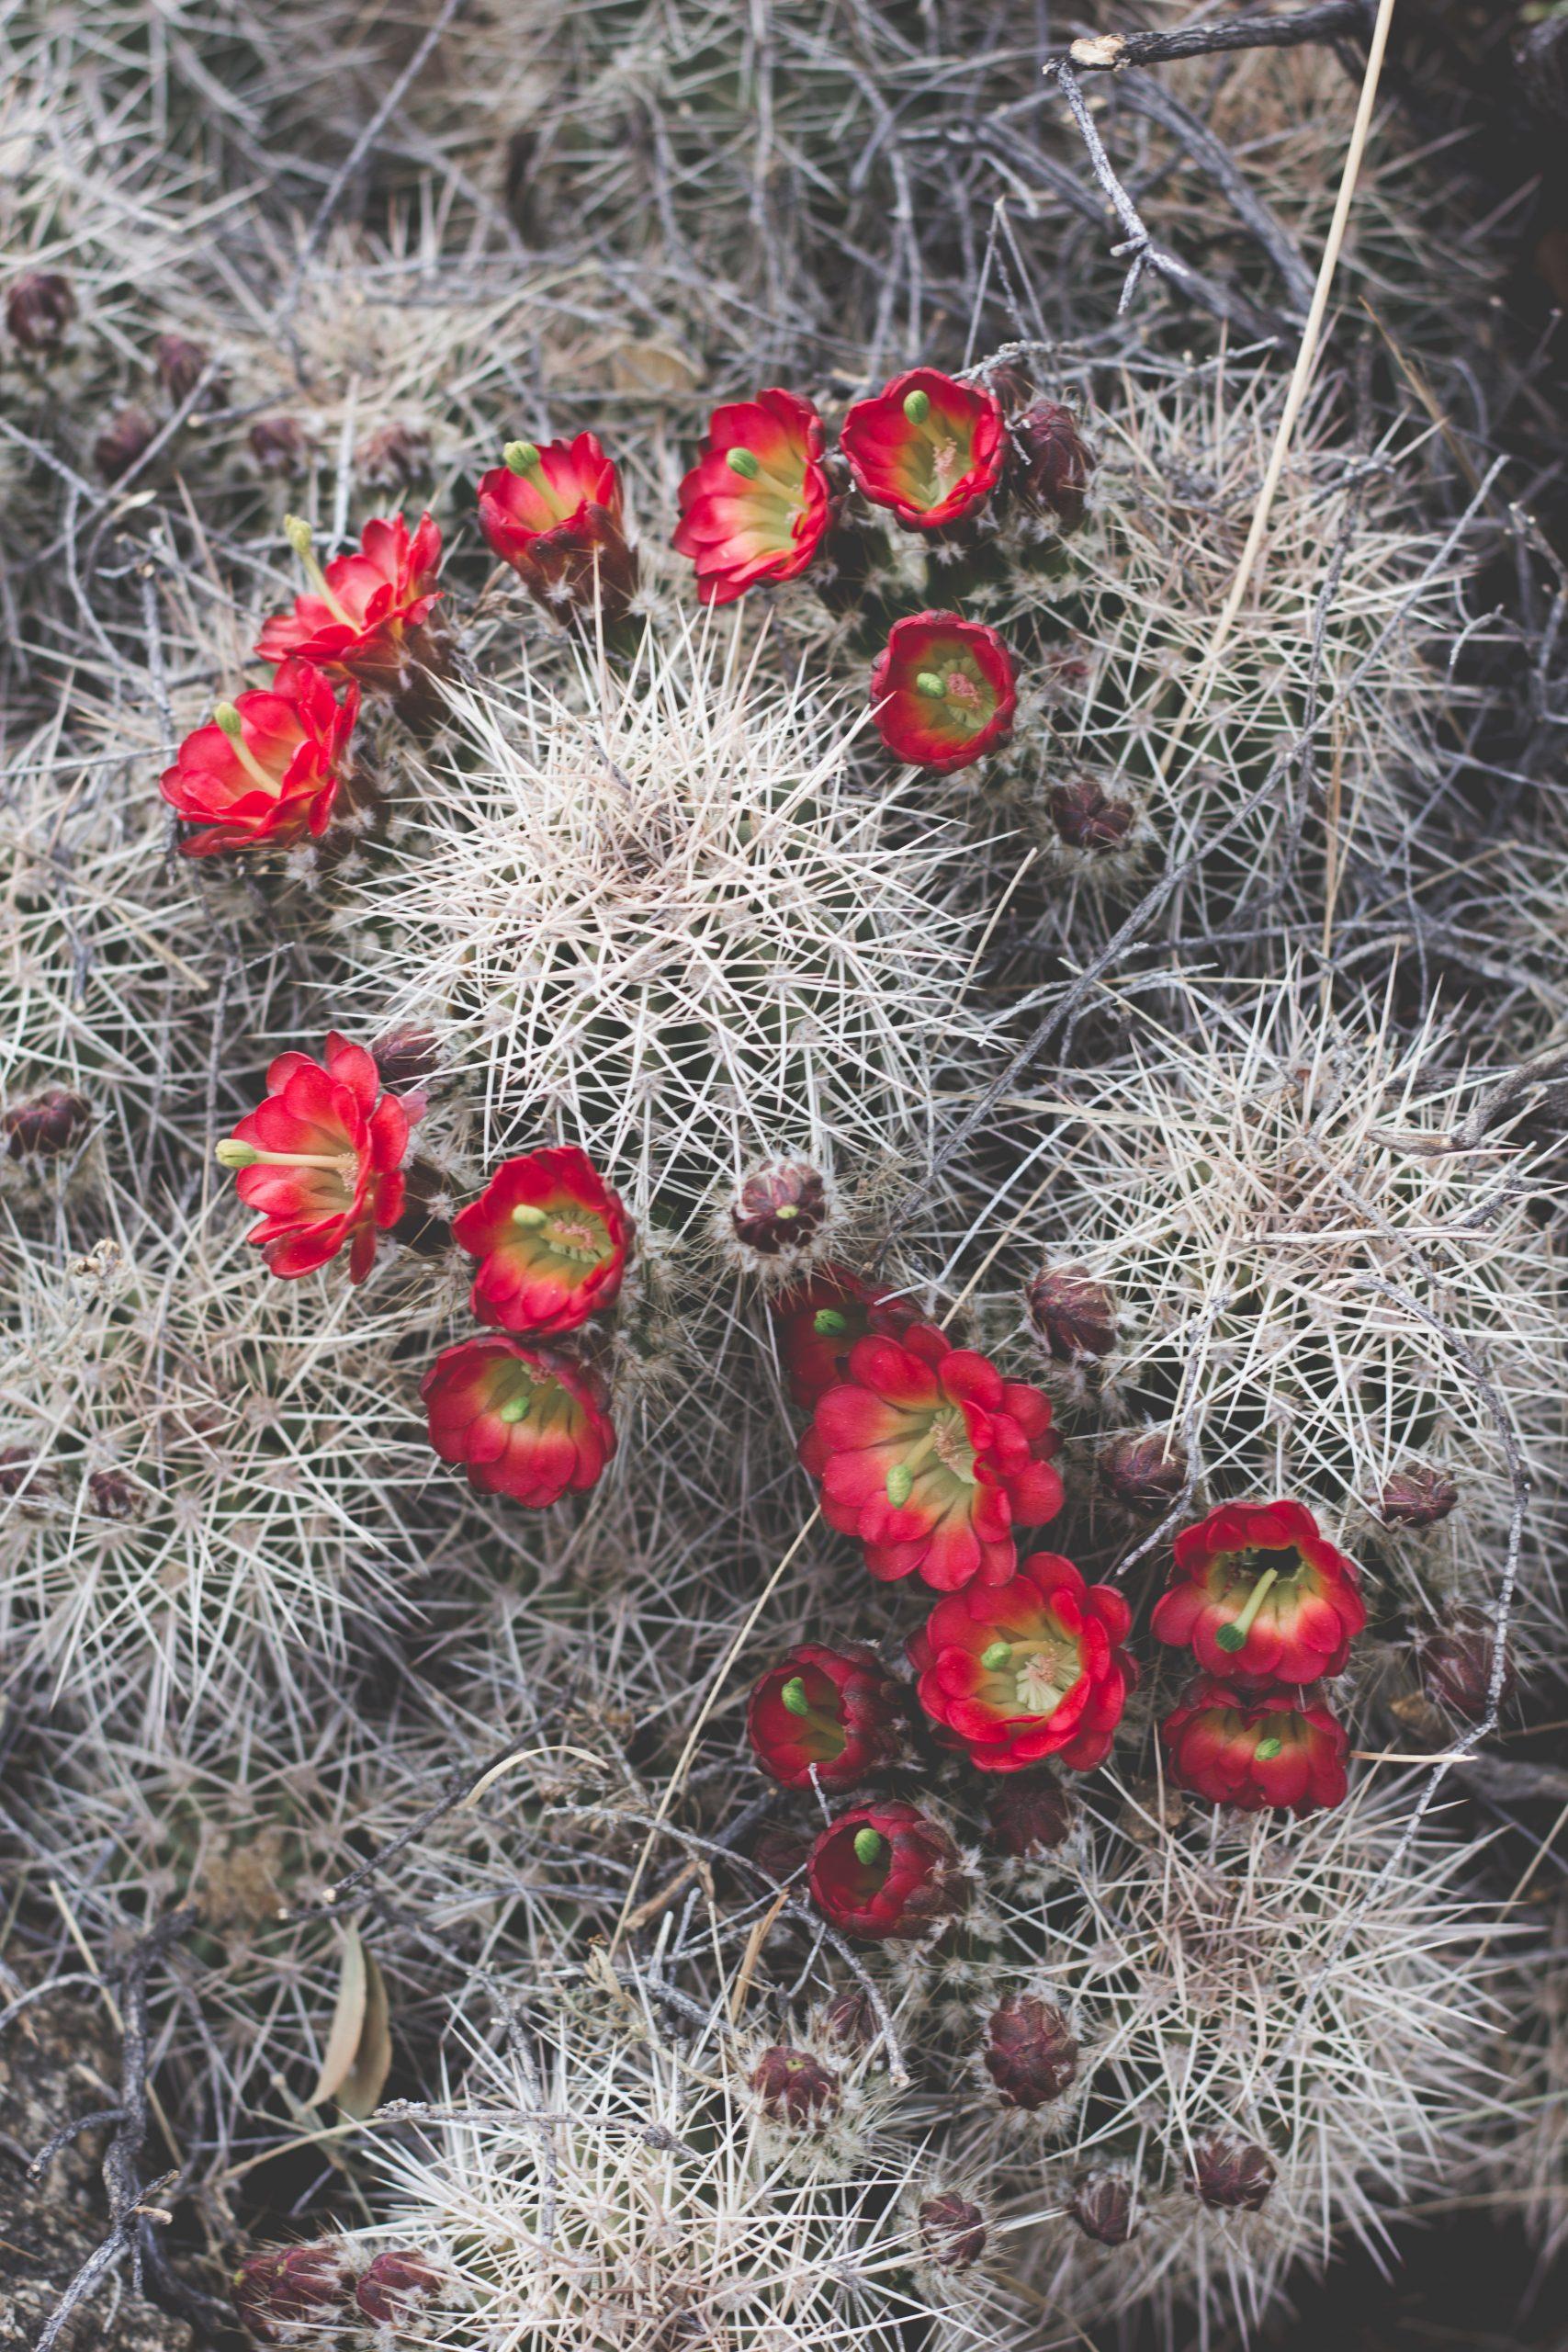 Hedgehog Cactus Bloom in Arizona